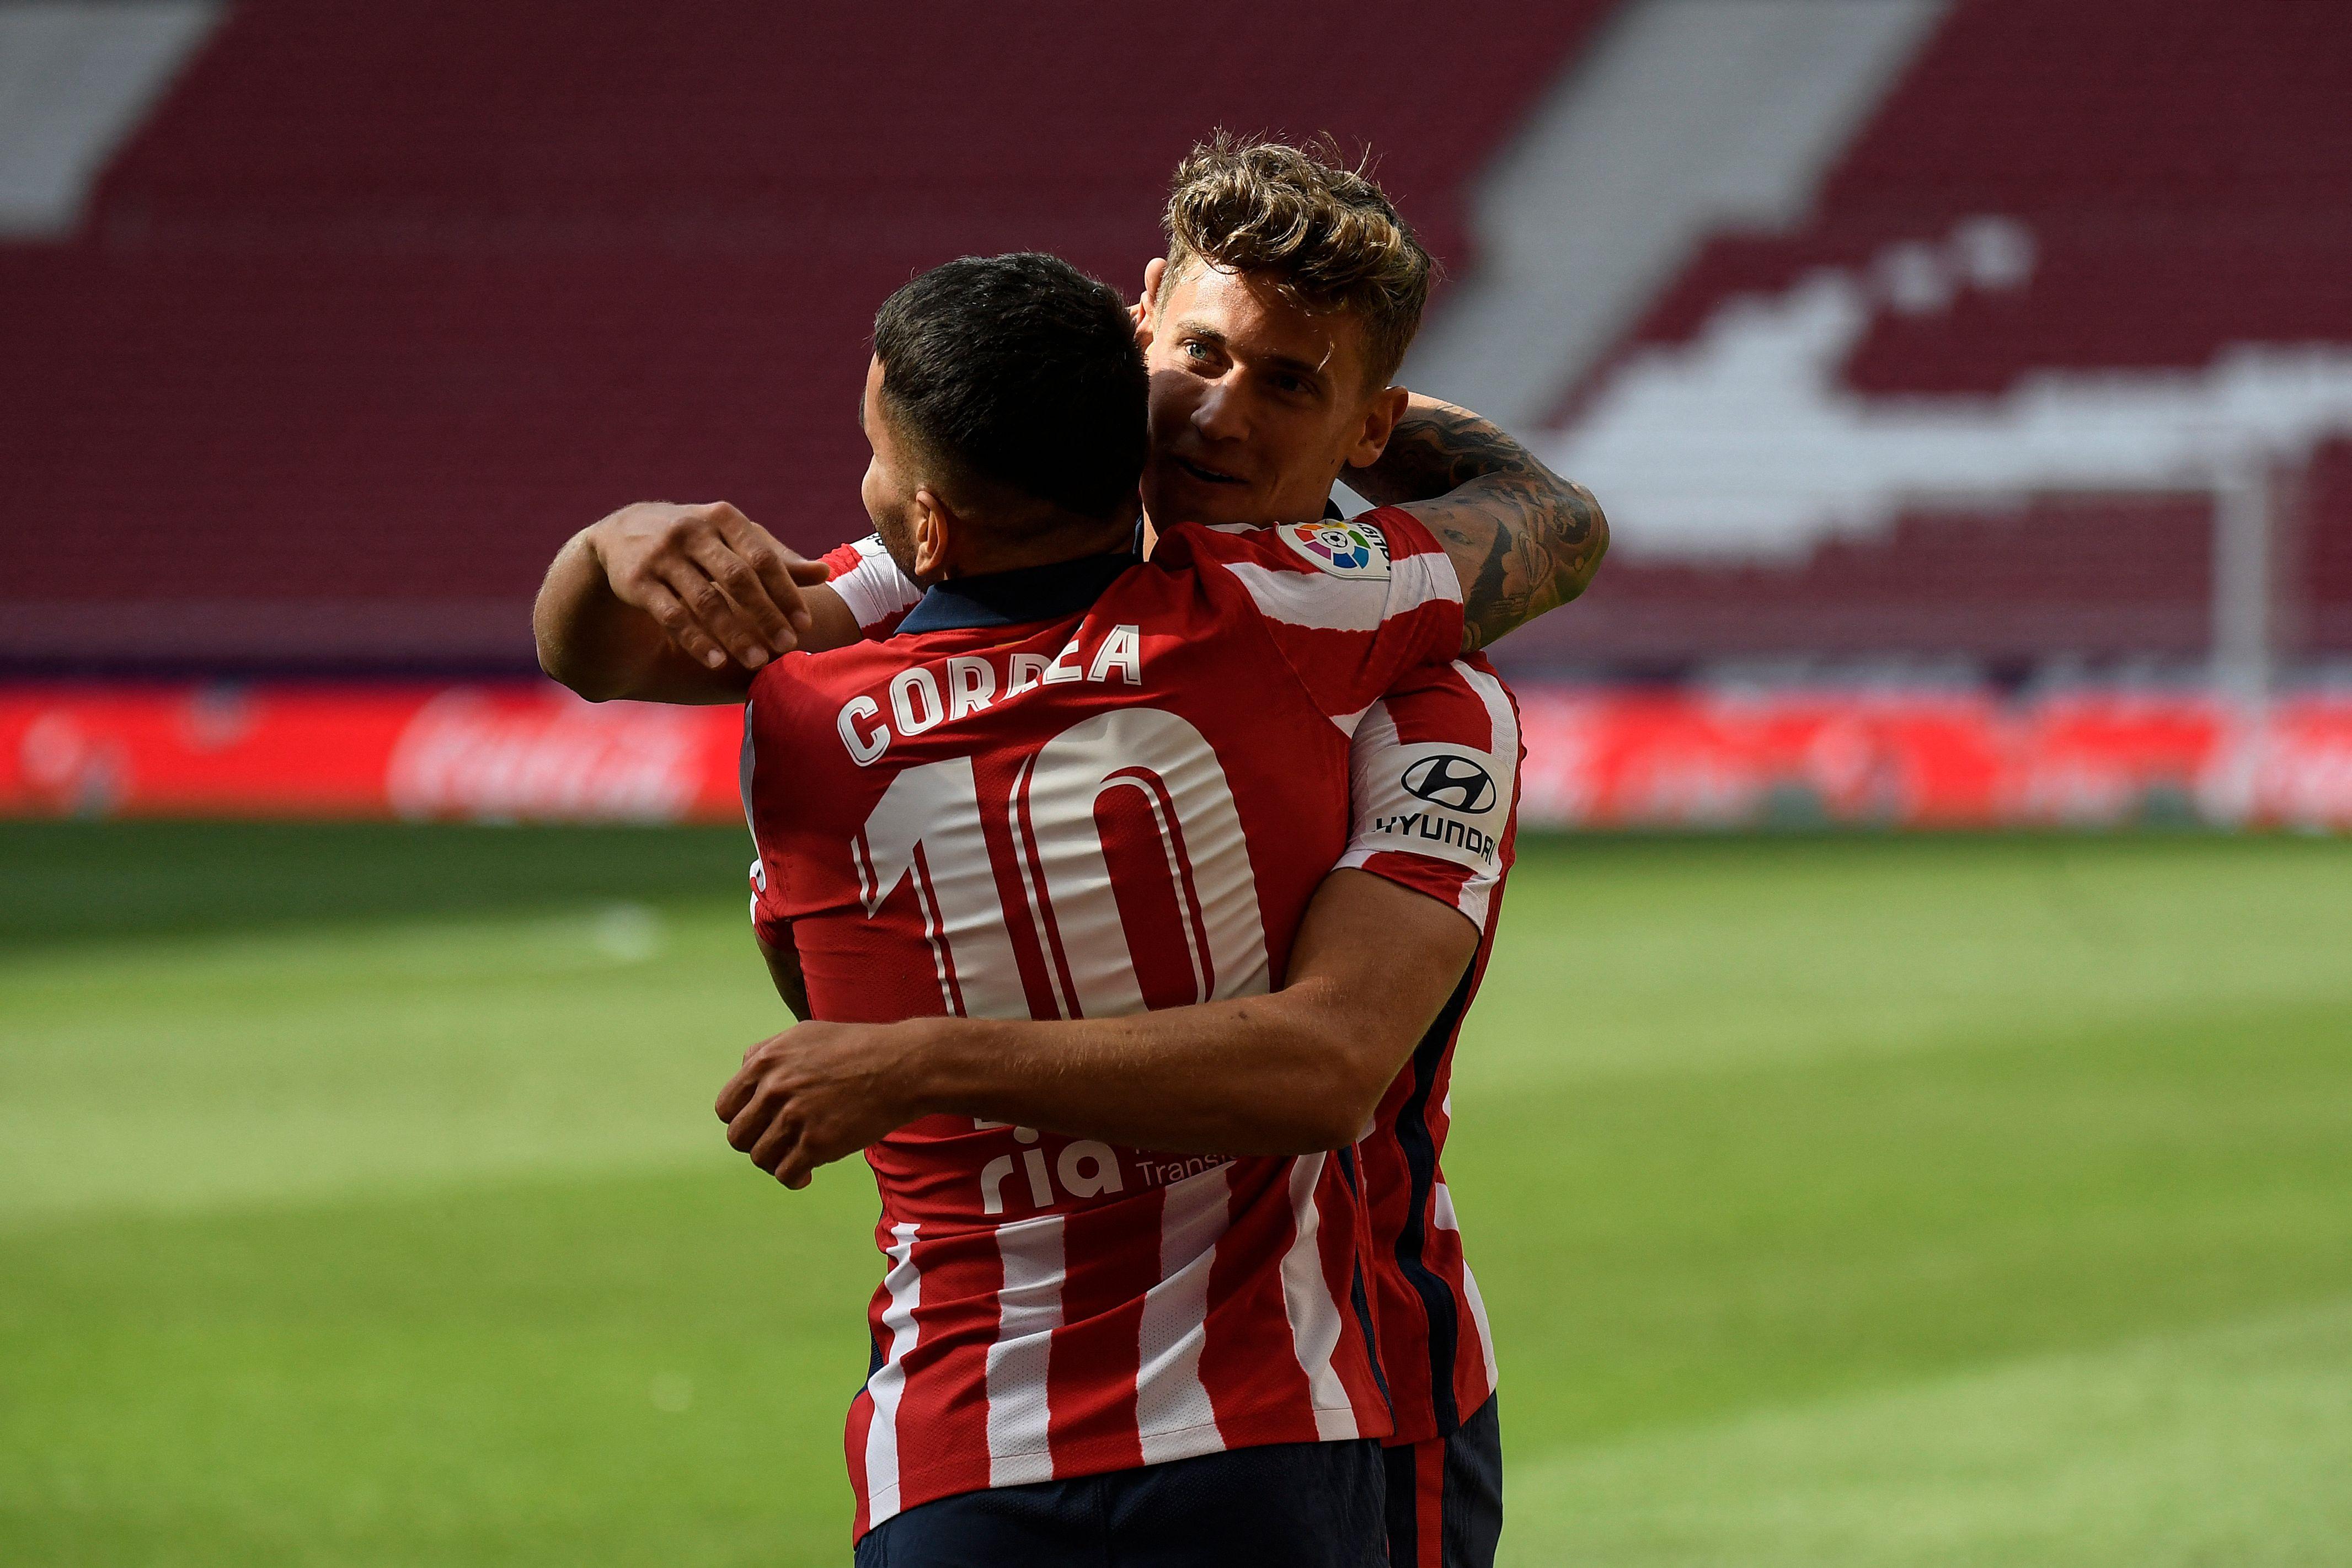 Correa y Llorente celebran uno de los goles del Atlético al Eibar.